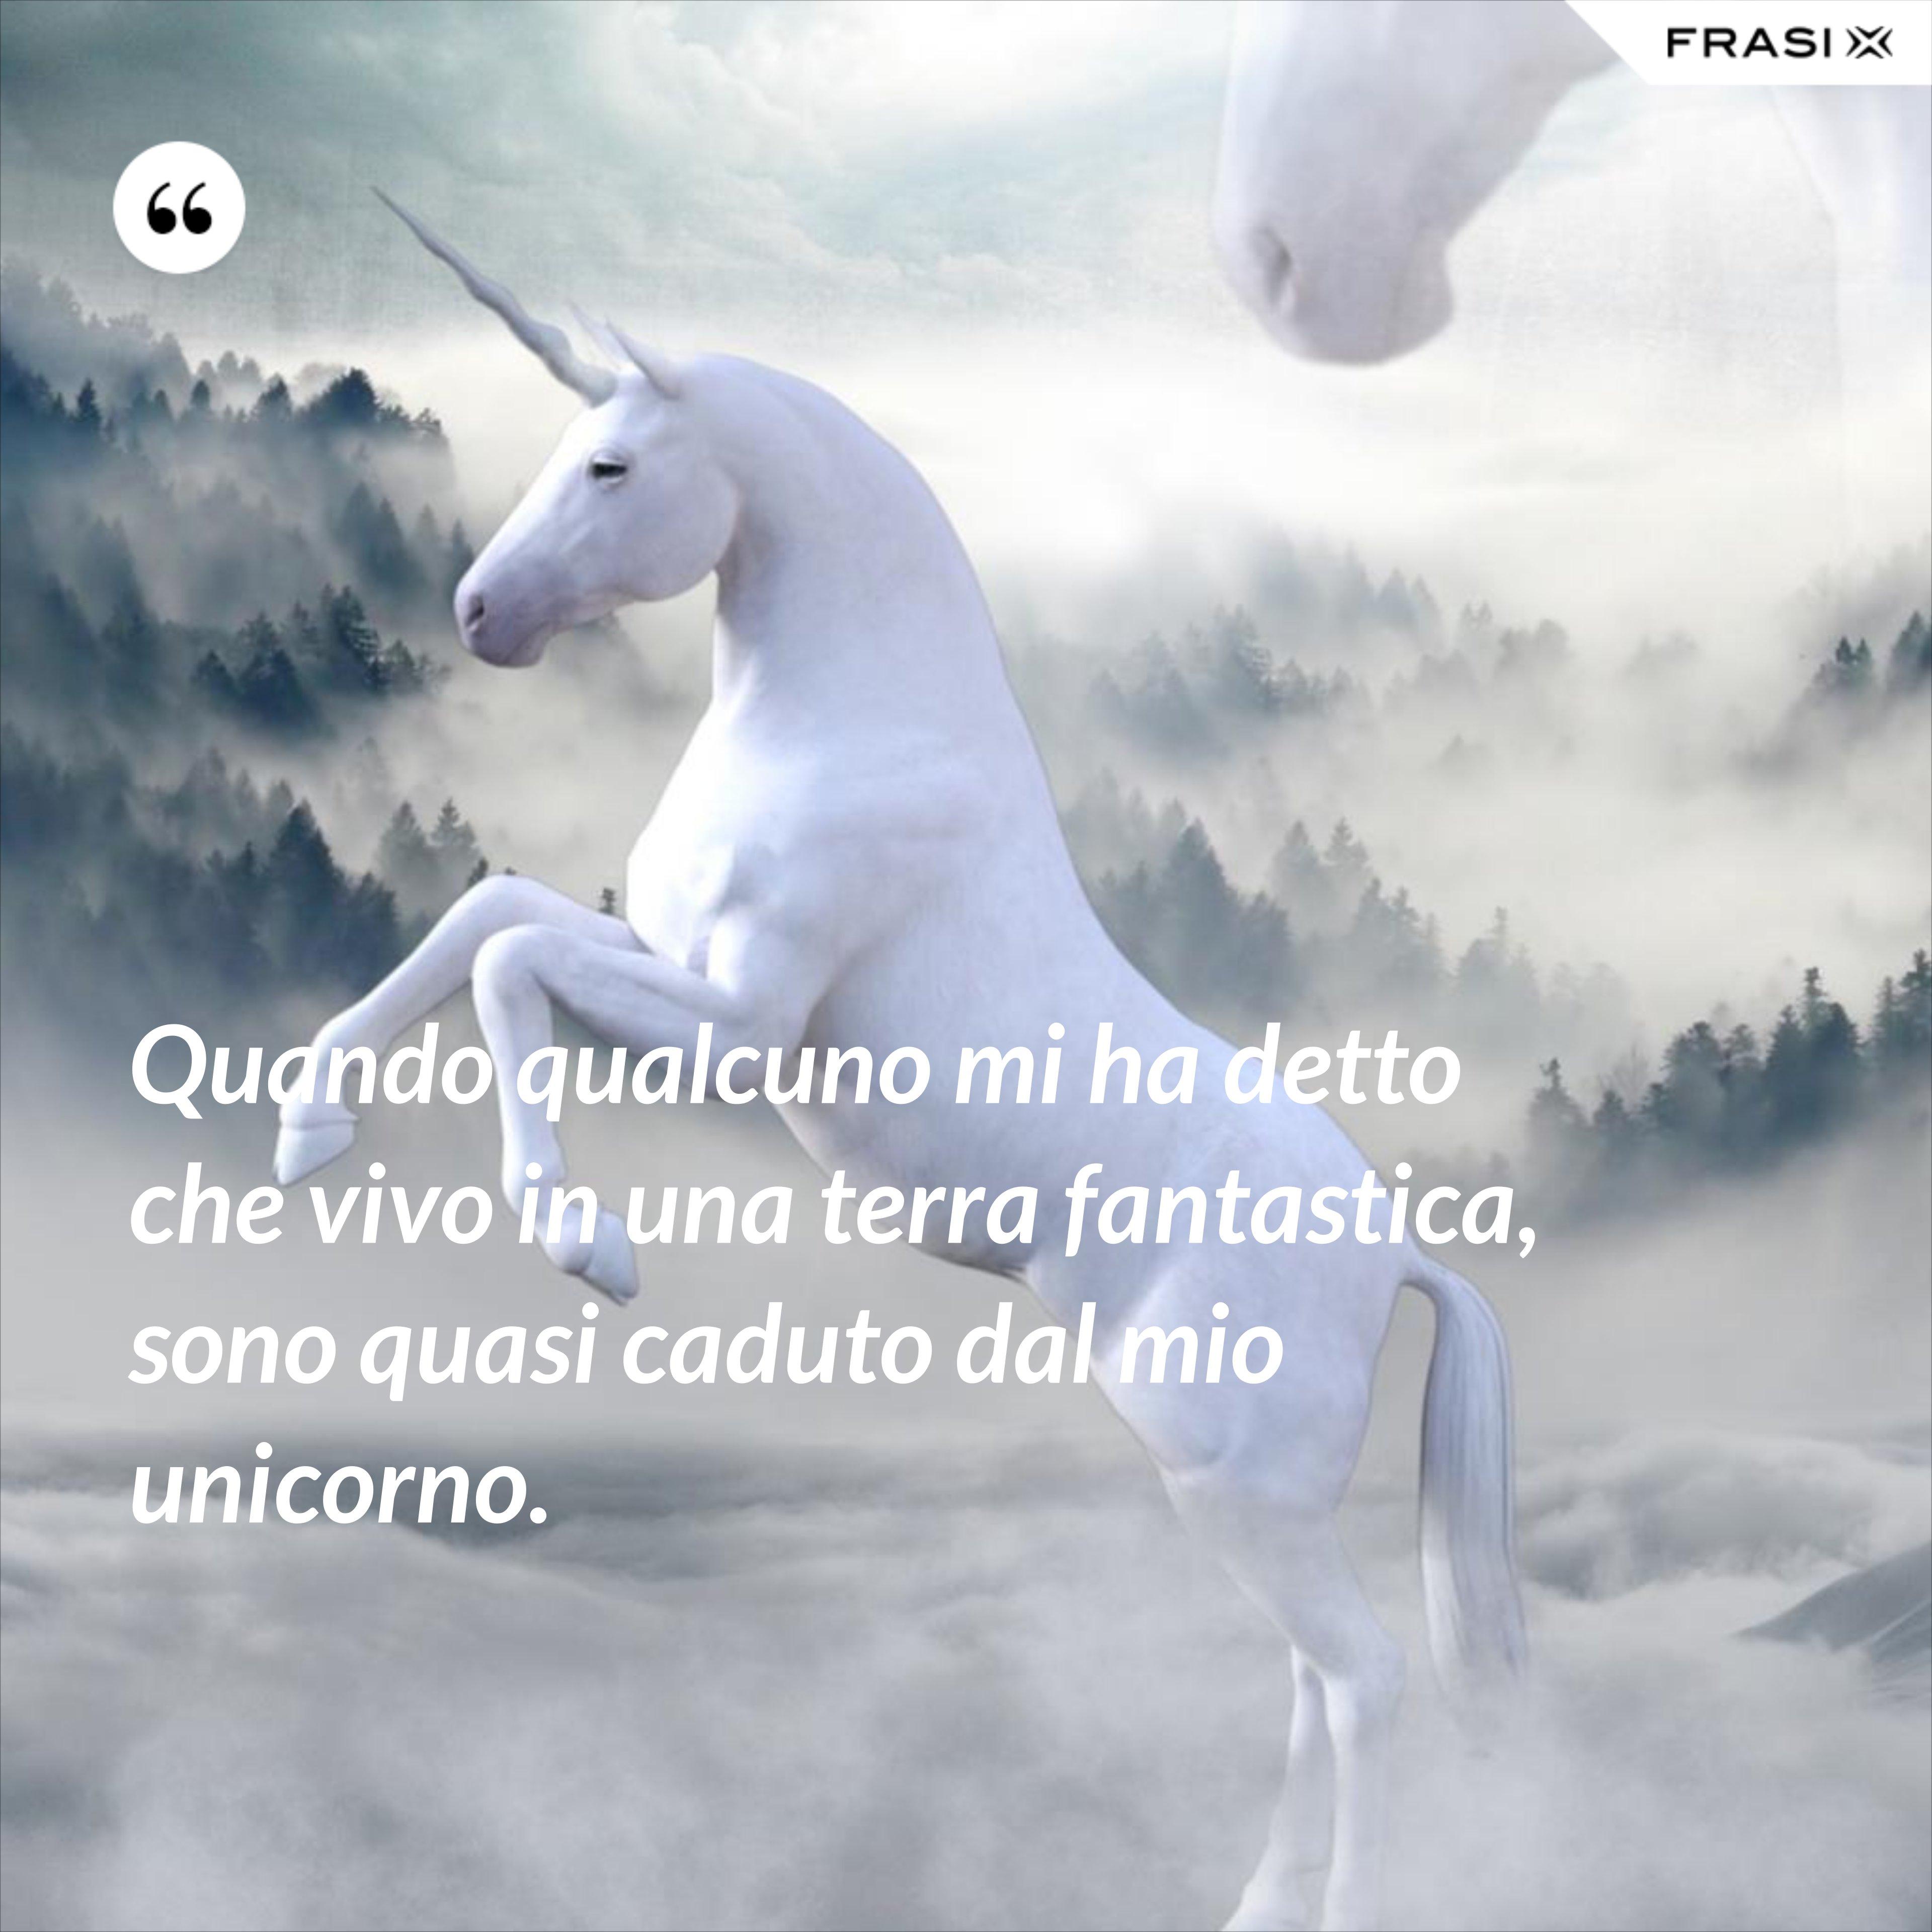 Quando qualcuno mi ha detto che vivo in una terra fantastica, sono quasi caduto dal mio unicorno. - Anonimo